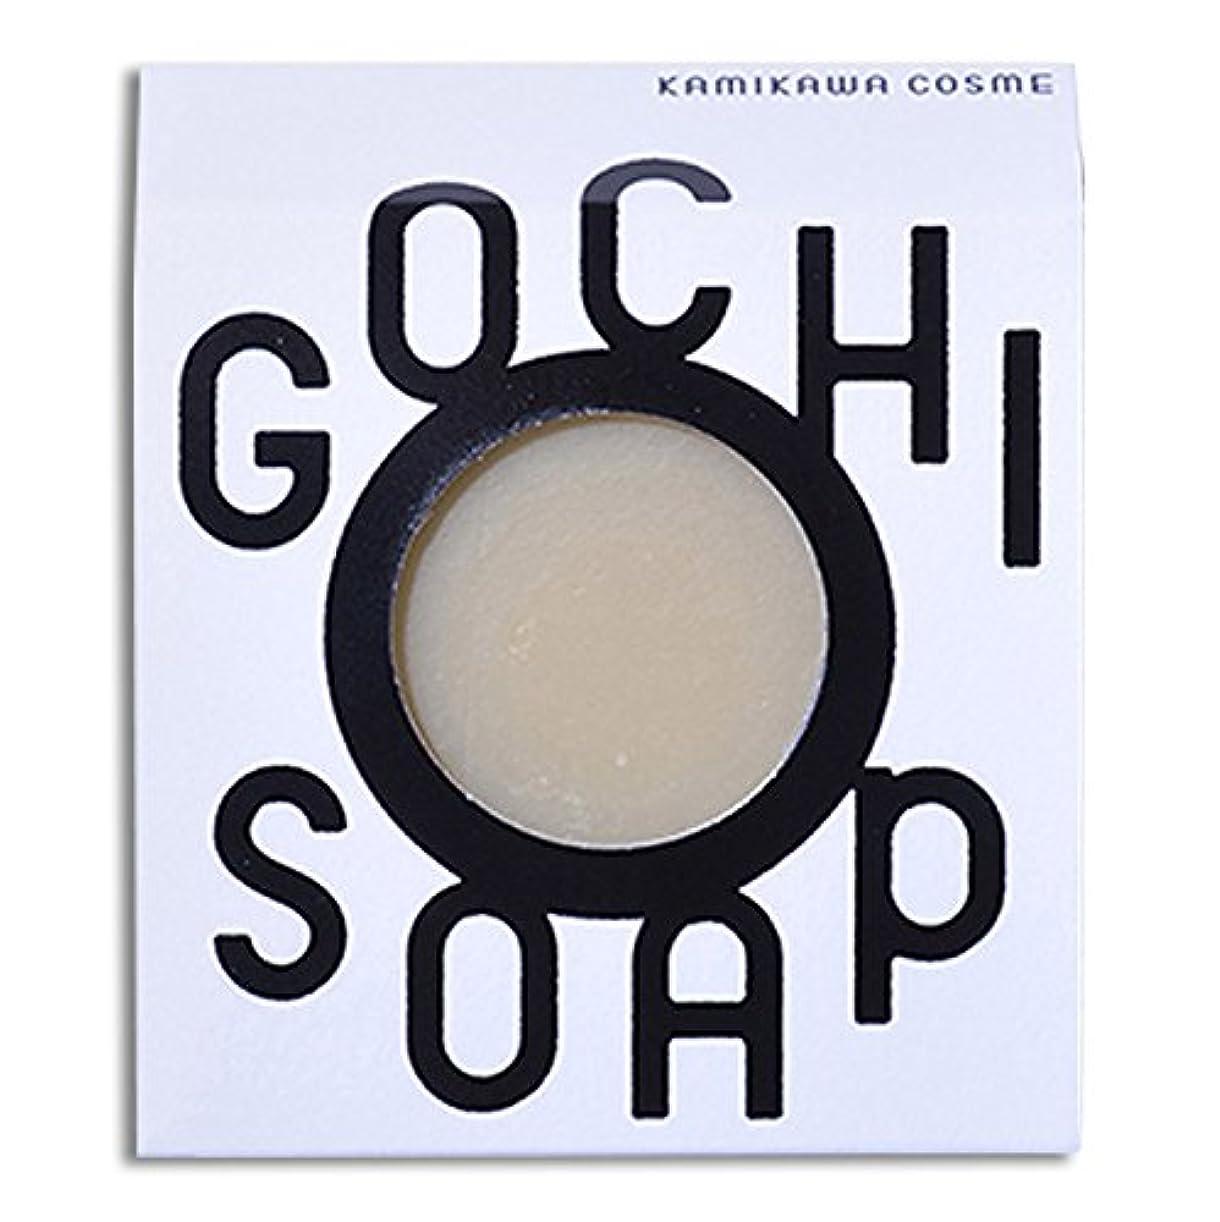 ハンバーガーれる素晴らしいです道北の素材を使用したコスメブランド GOCHI SOAP(伊勢ファームの牛乳ソープ?平田こうじ店の米糀ソープ)各1個セット